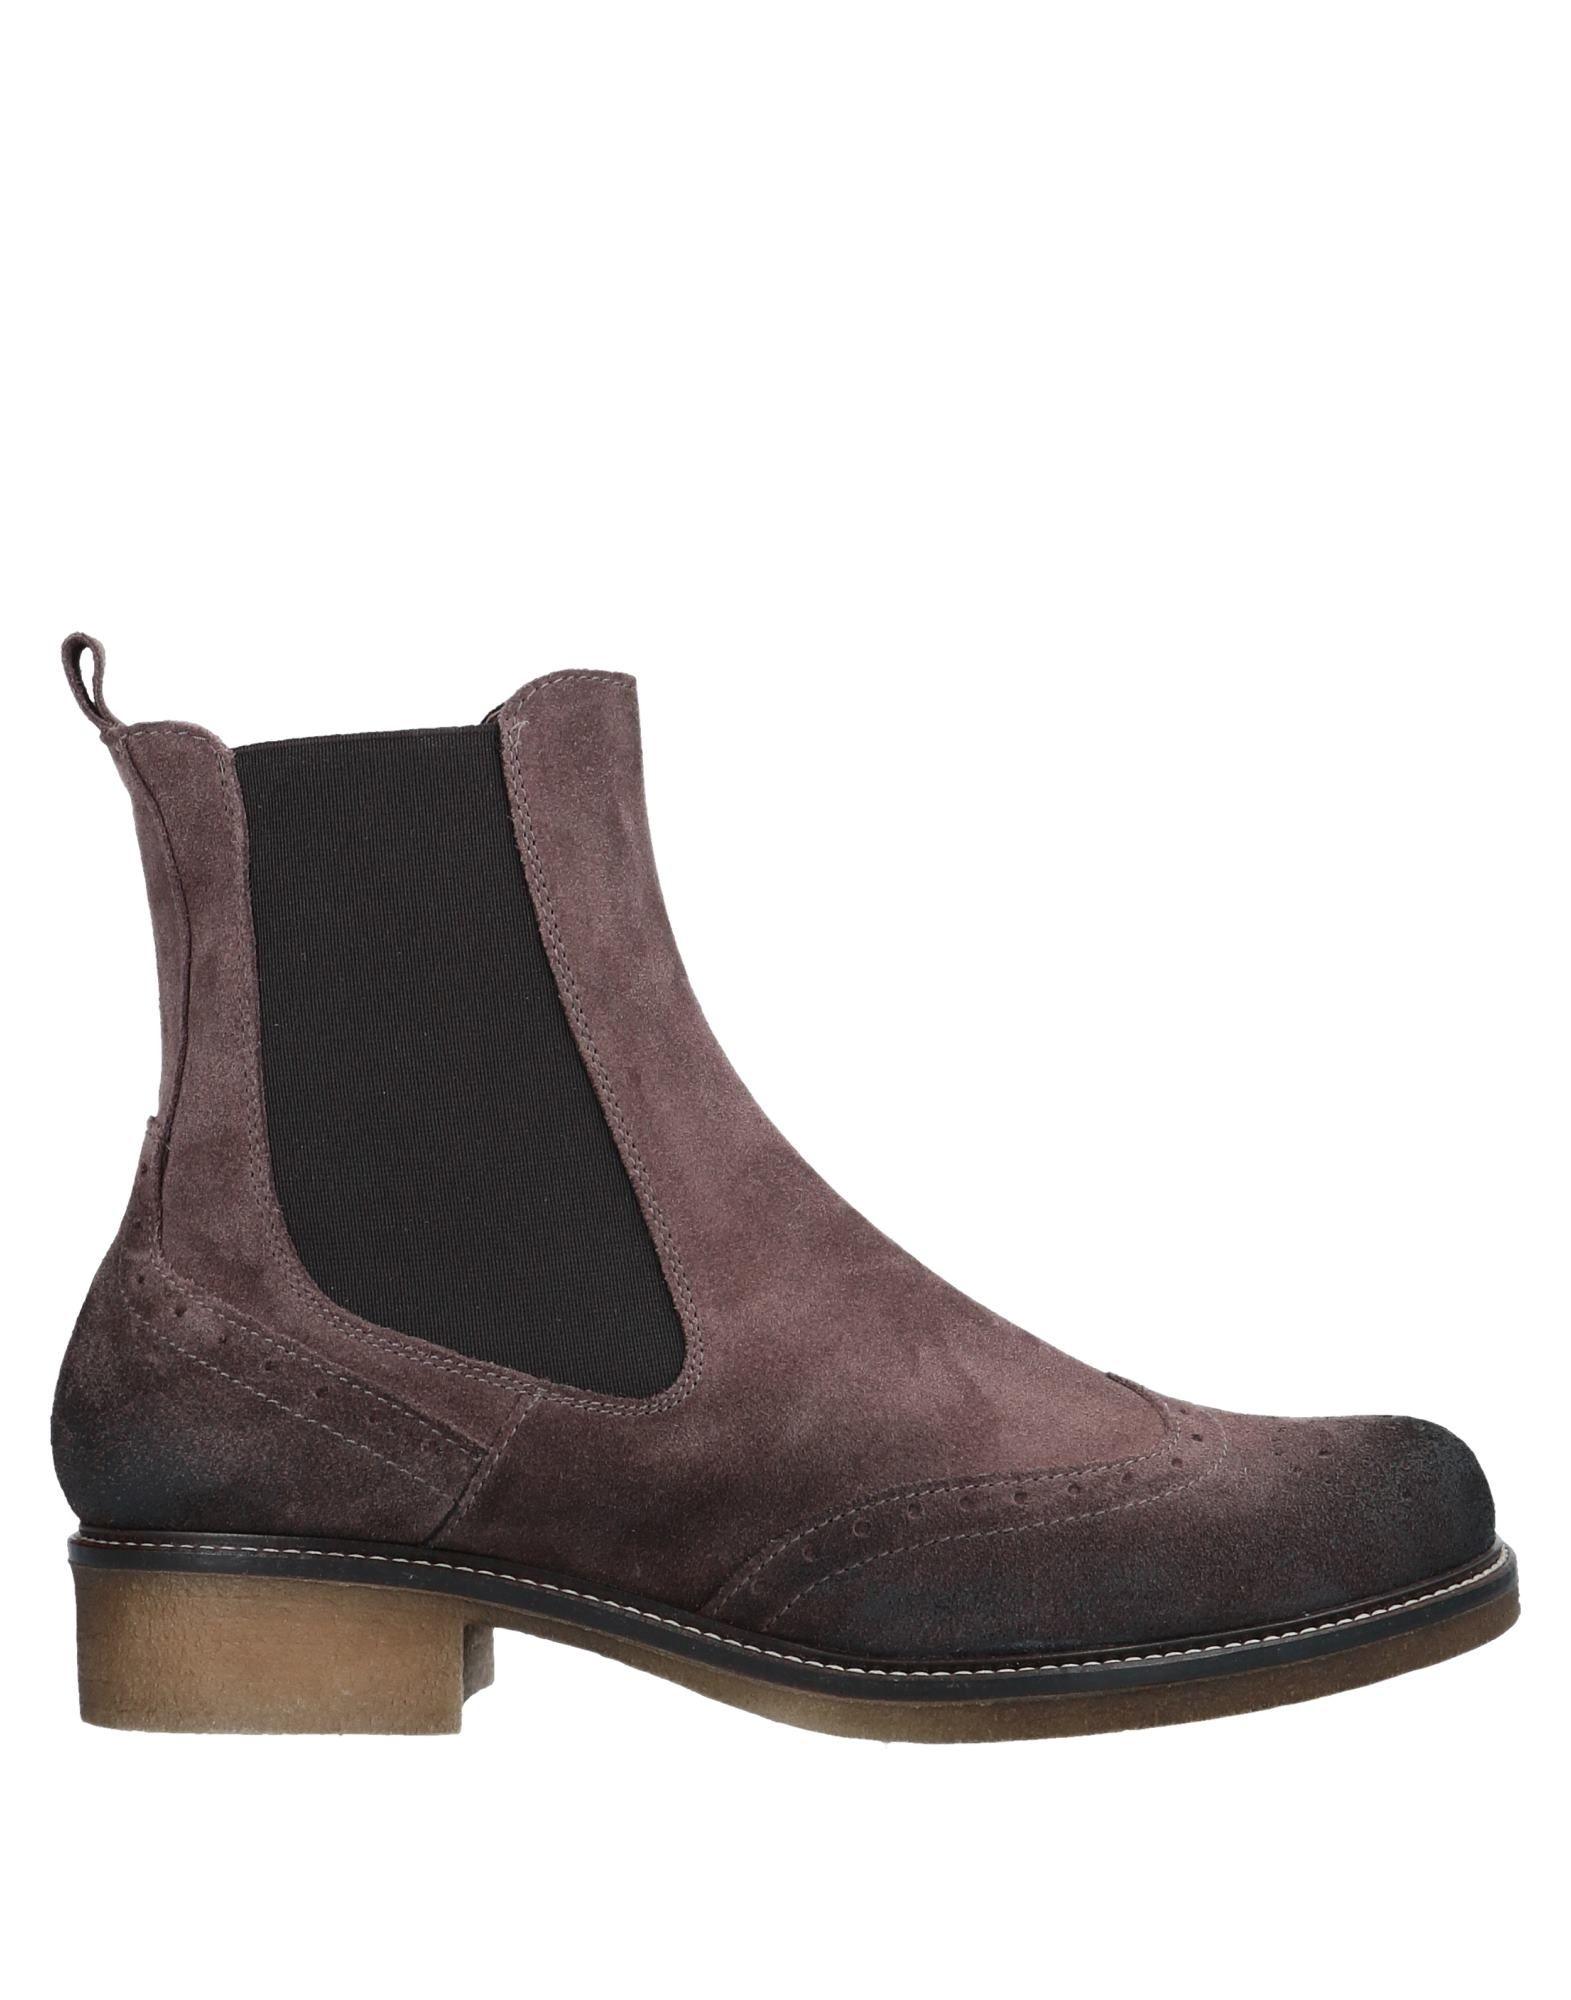 Chelsea Boots Donna Più Donna - 11544546IK